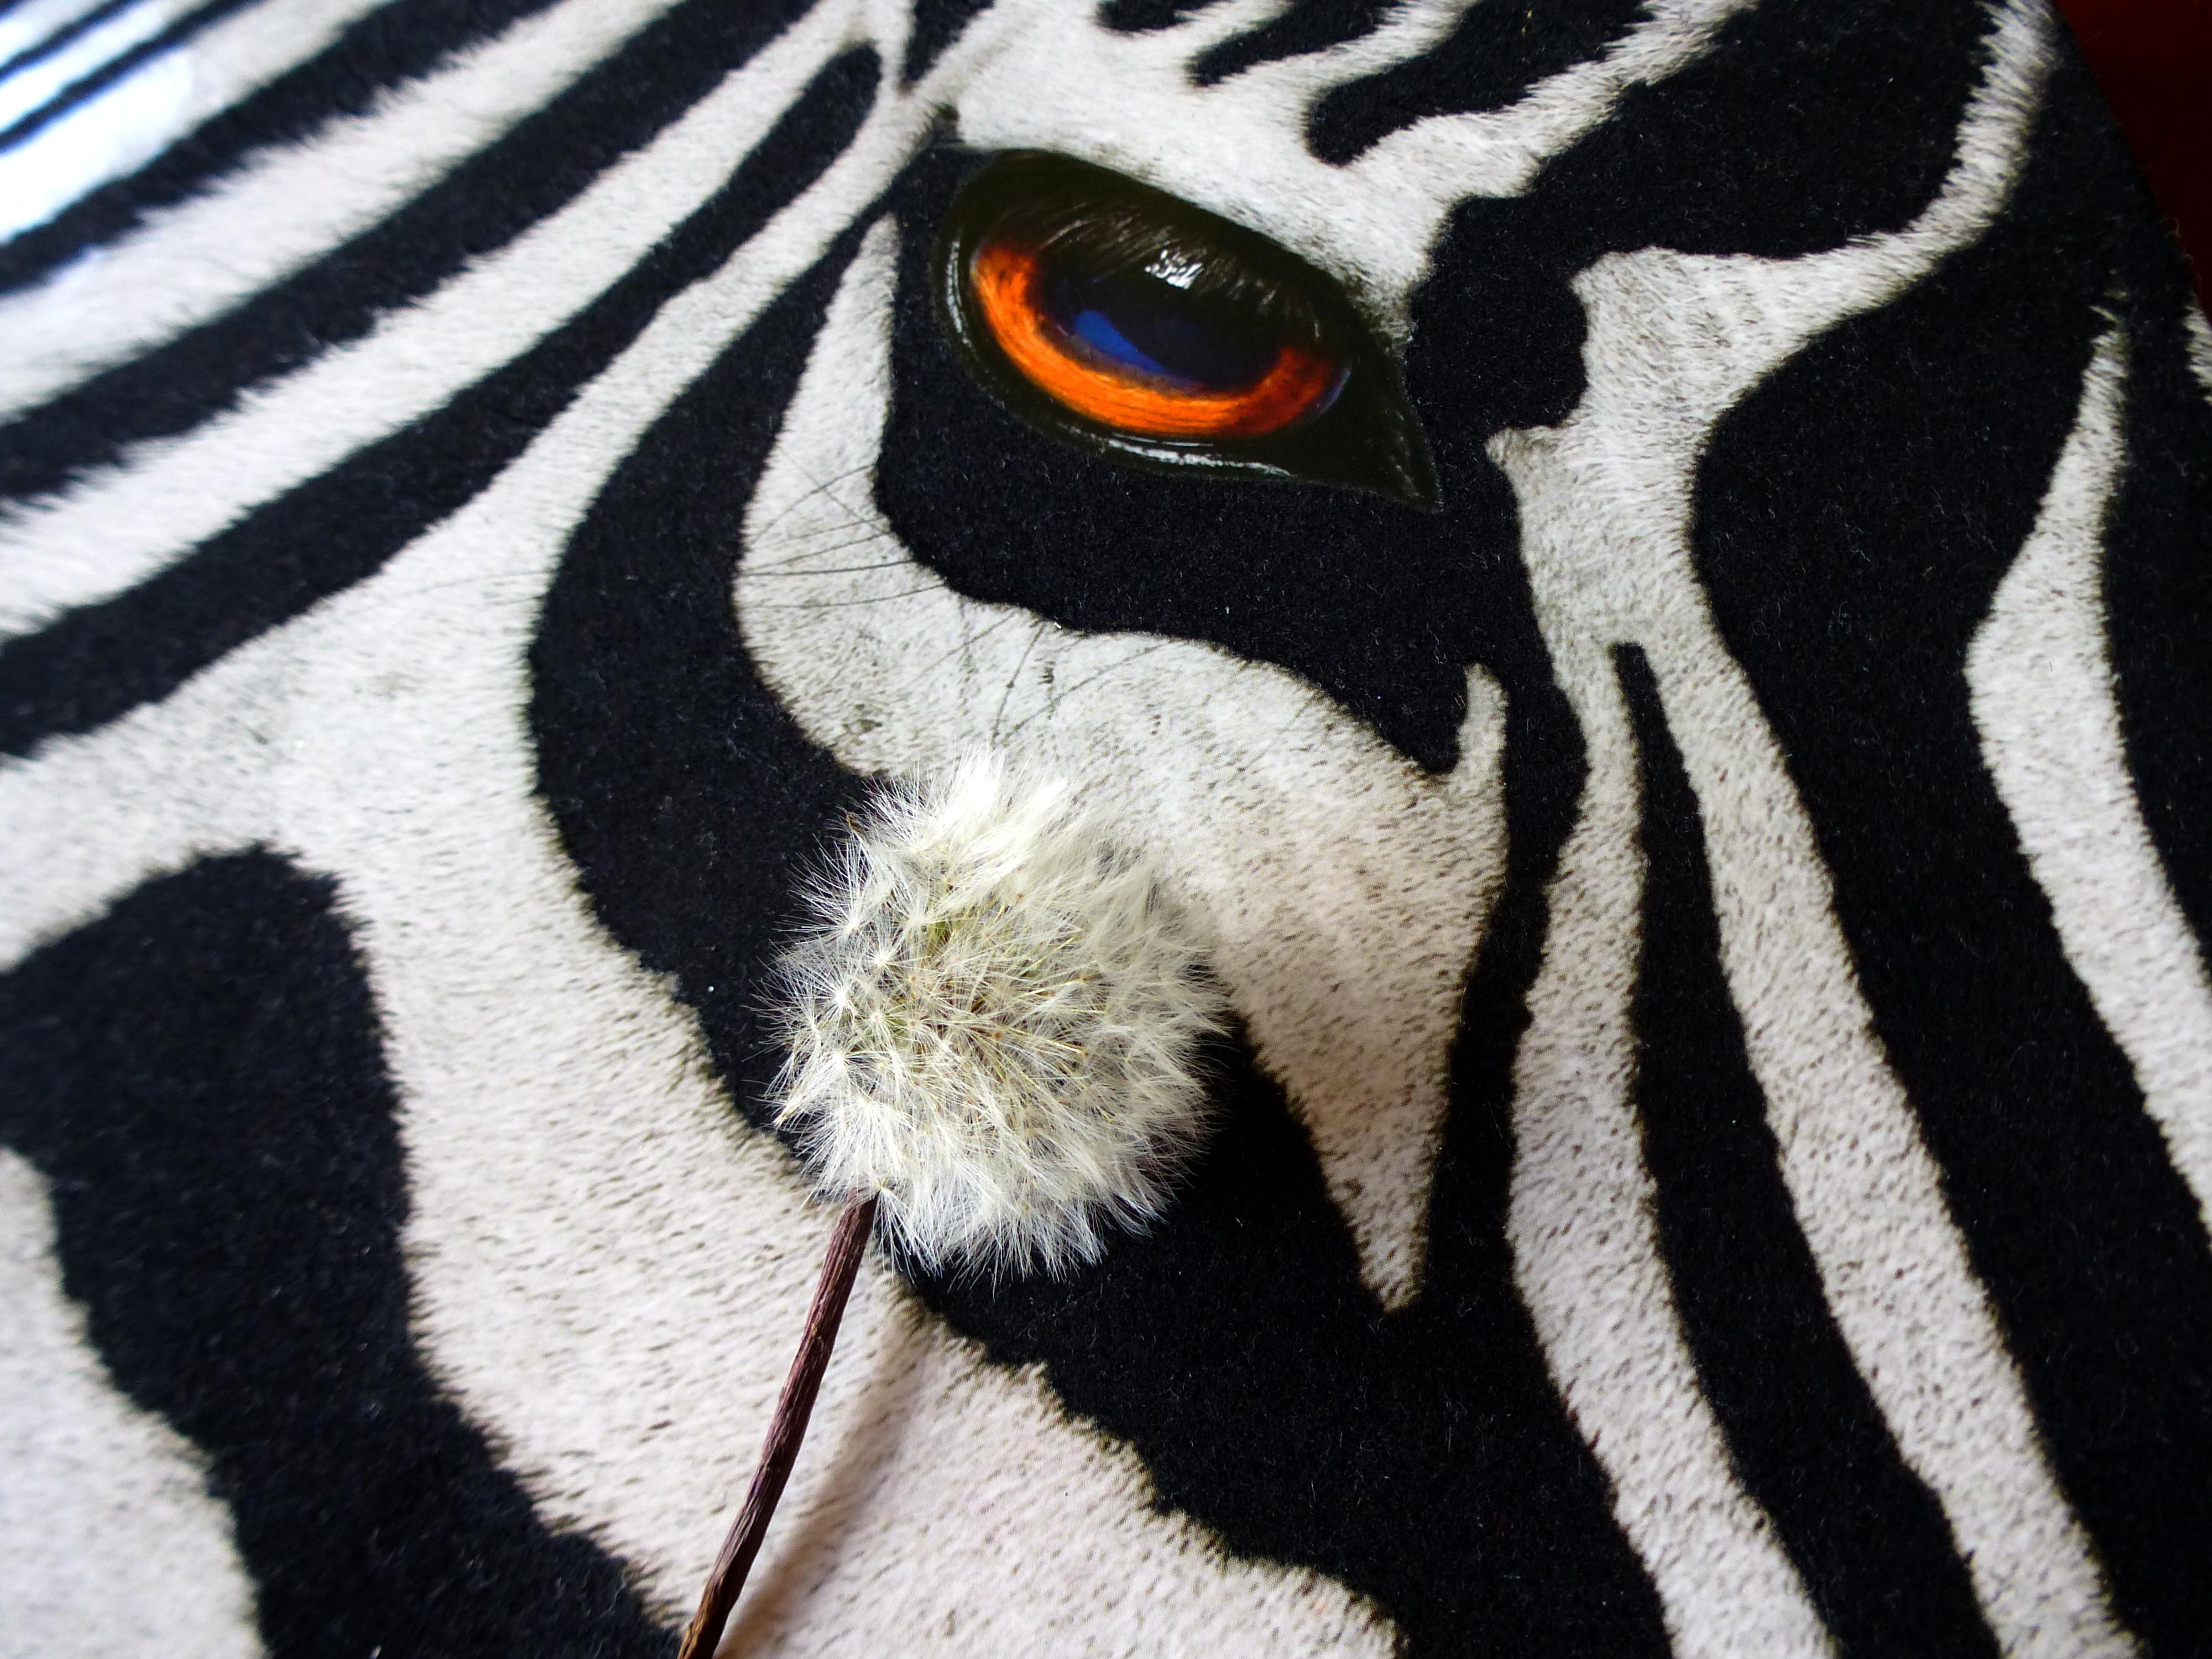 Los ojos de una cebra - 4000x3000